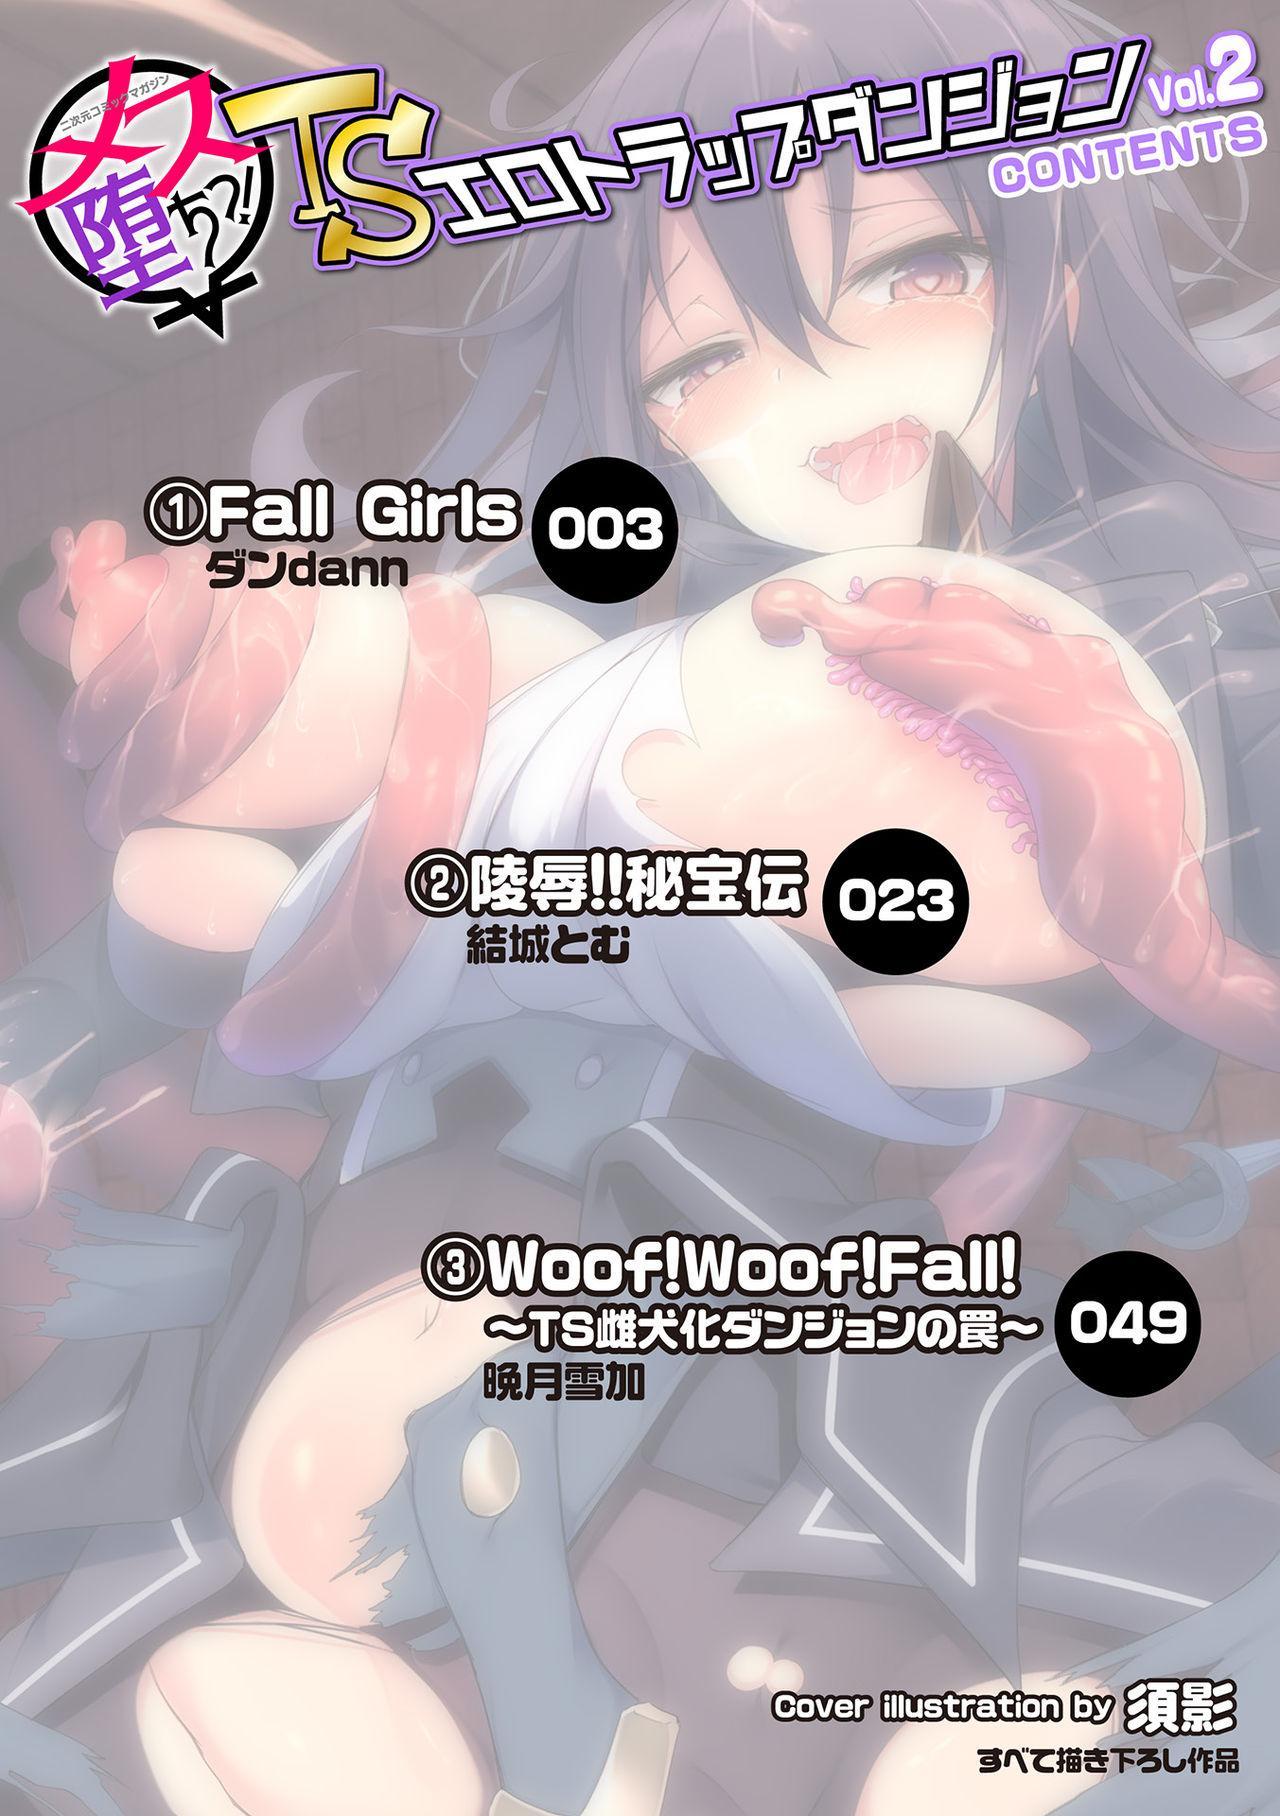 2D Comic Magazine Mesu Ochi! TS Ero Trap Dungeon Vol. 2 1